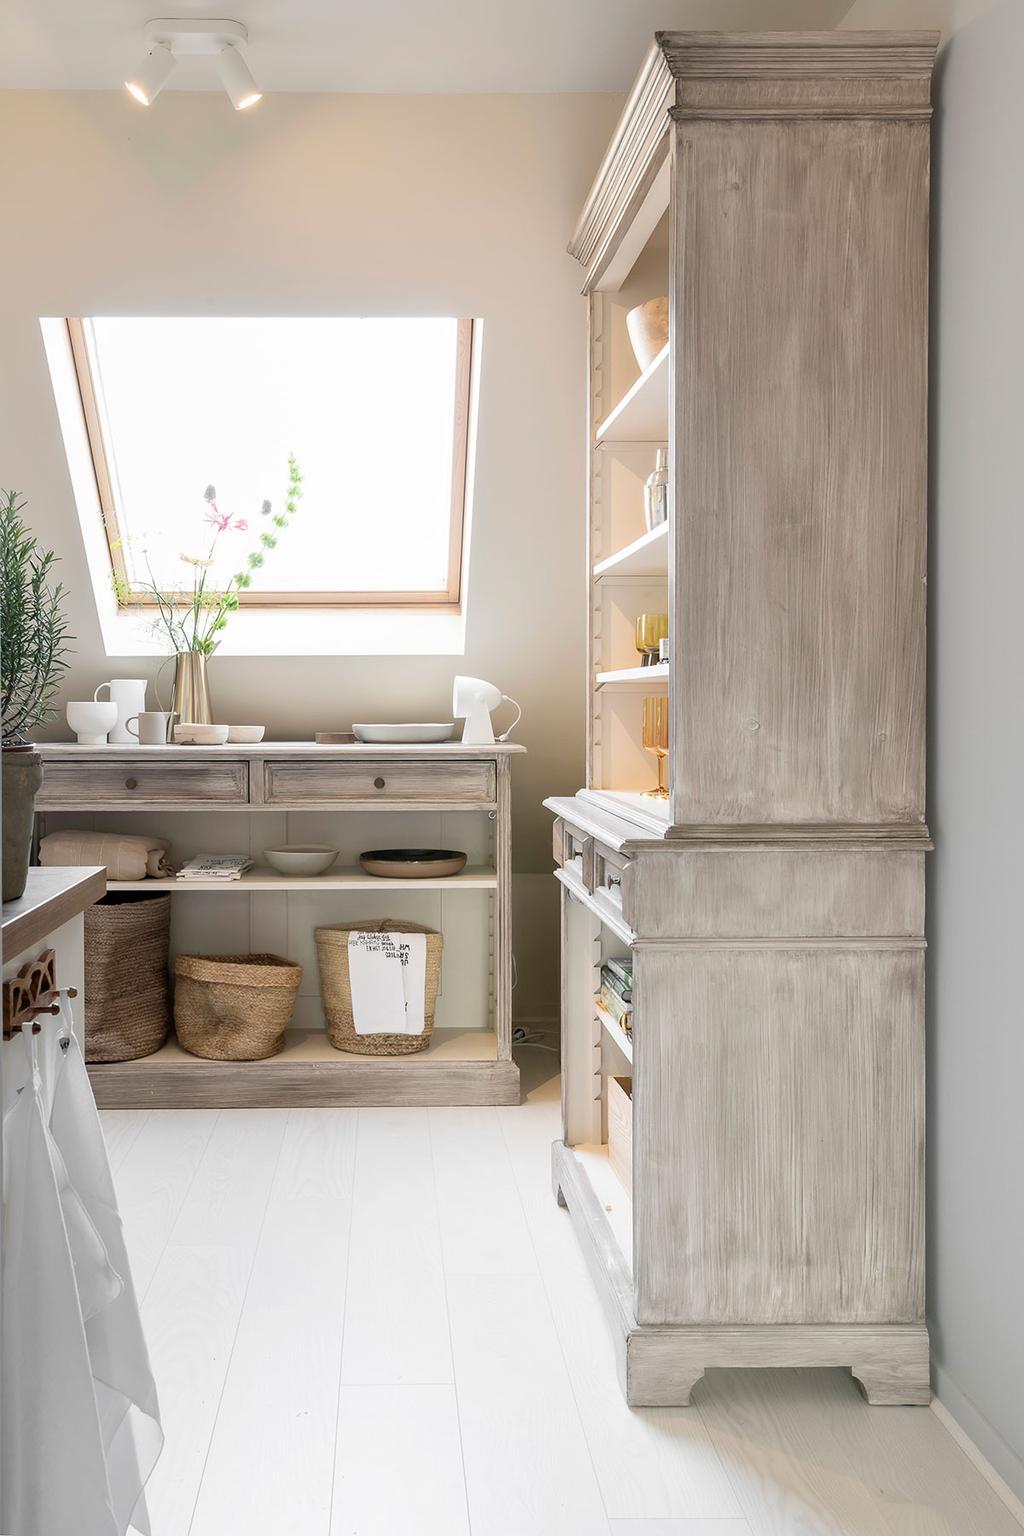 De keuken met grote kast van Nathalie uit de vierde aflevering van het tweede seizoen van 'Een frisse start met vtwonen'.